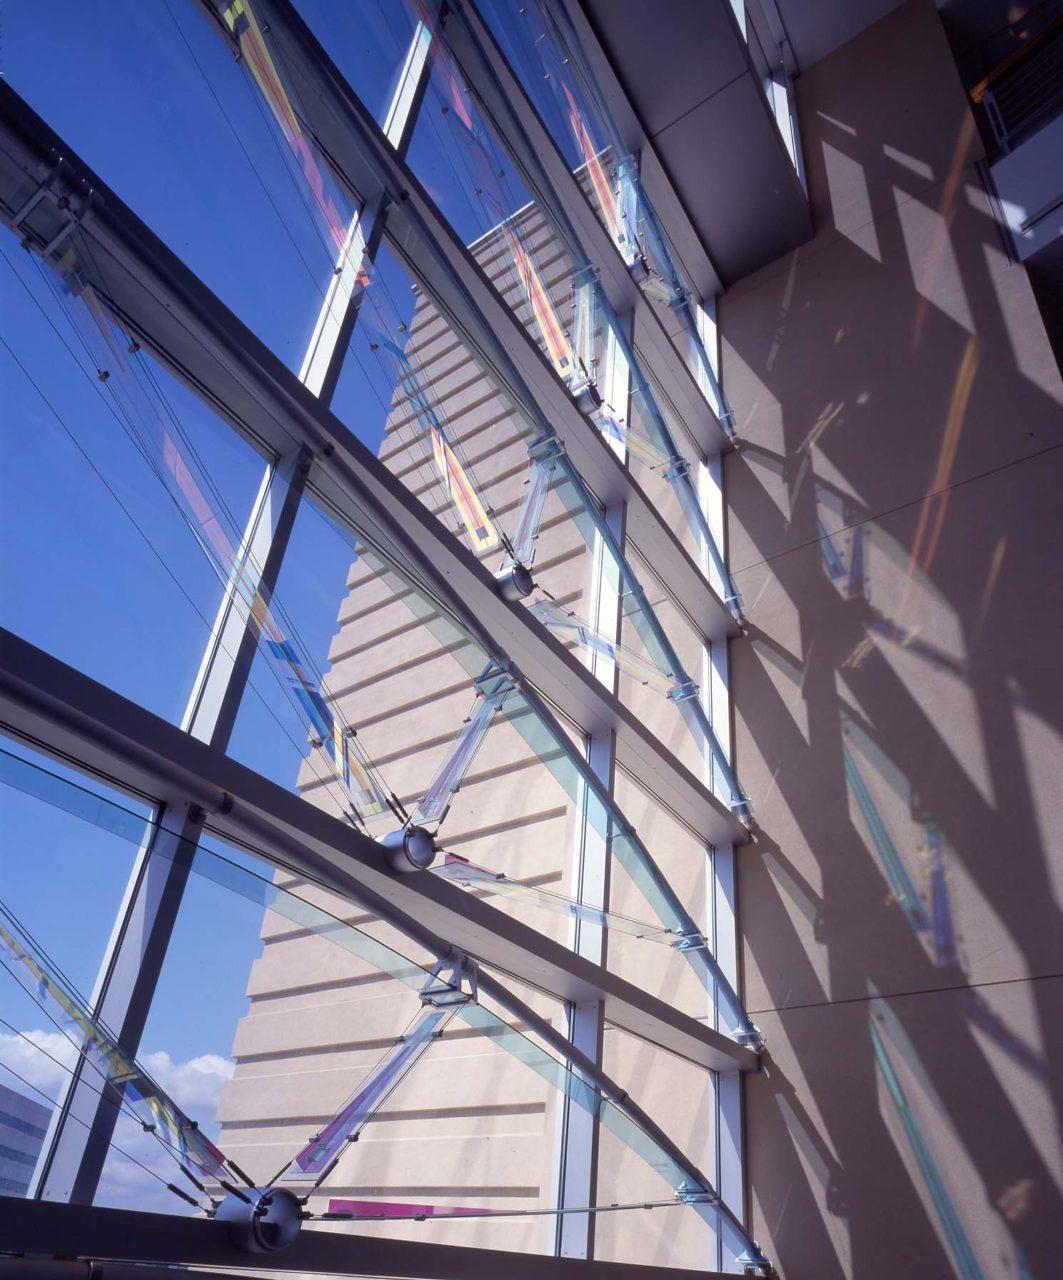 Meydenbauer Center, Bellevue, Washington / image 6